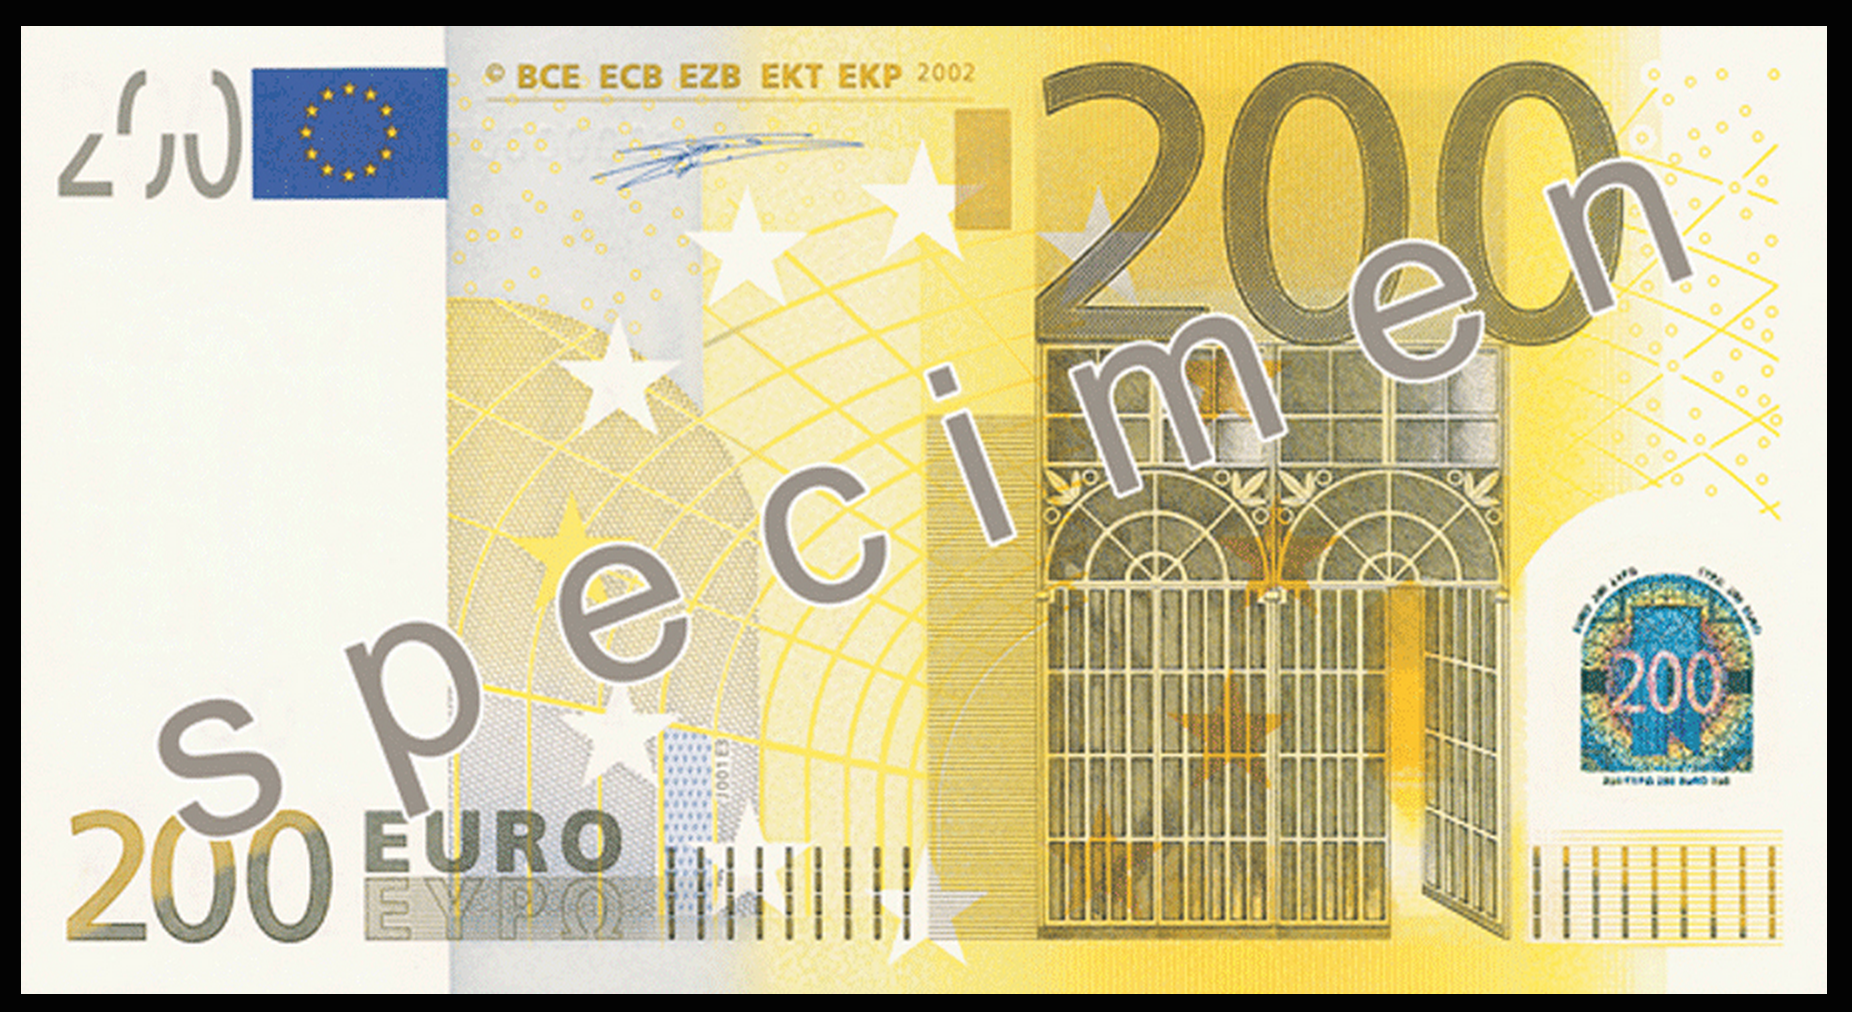 200 Euro Note Specimen Casa de papelao, Cores